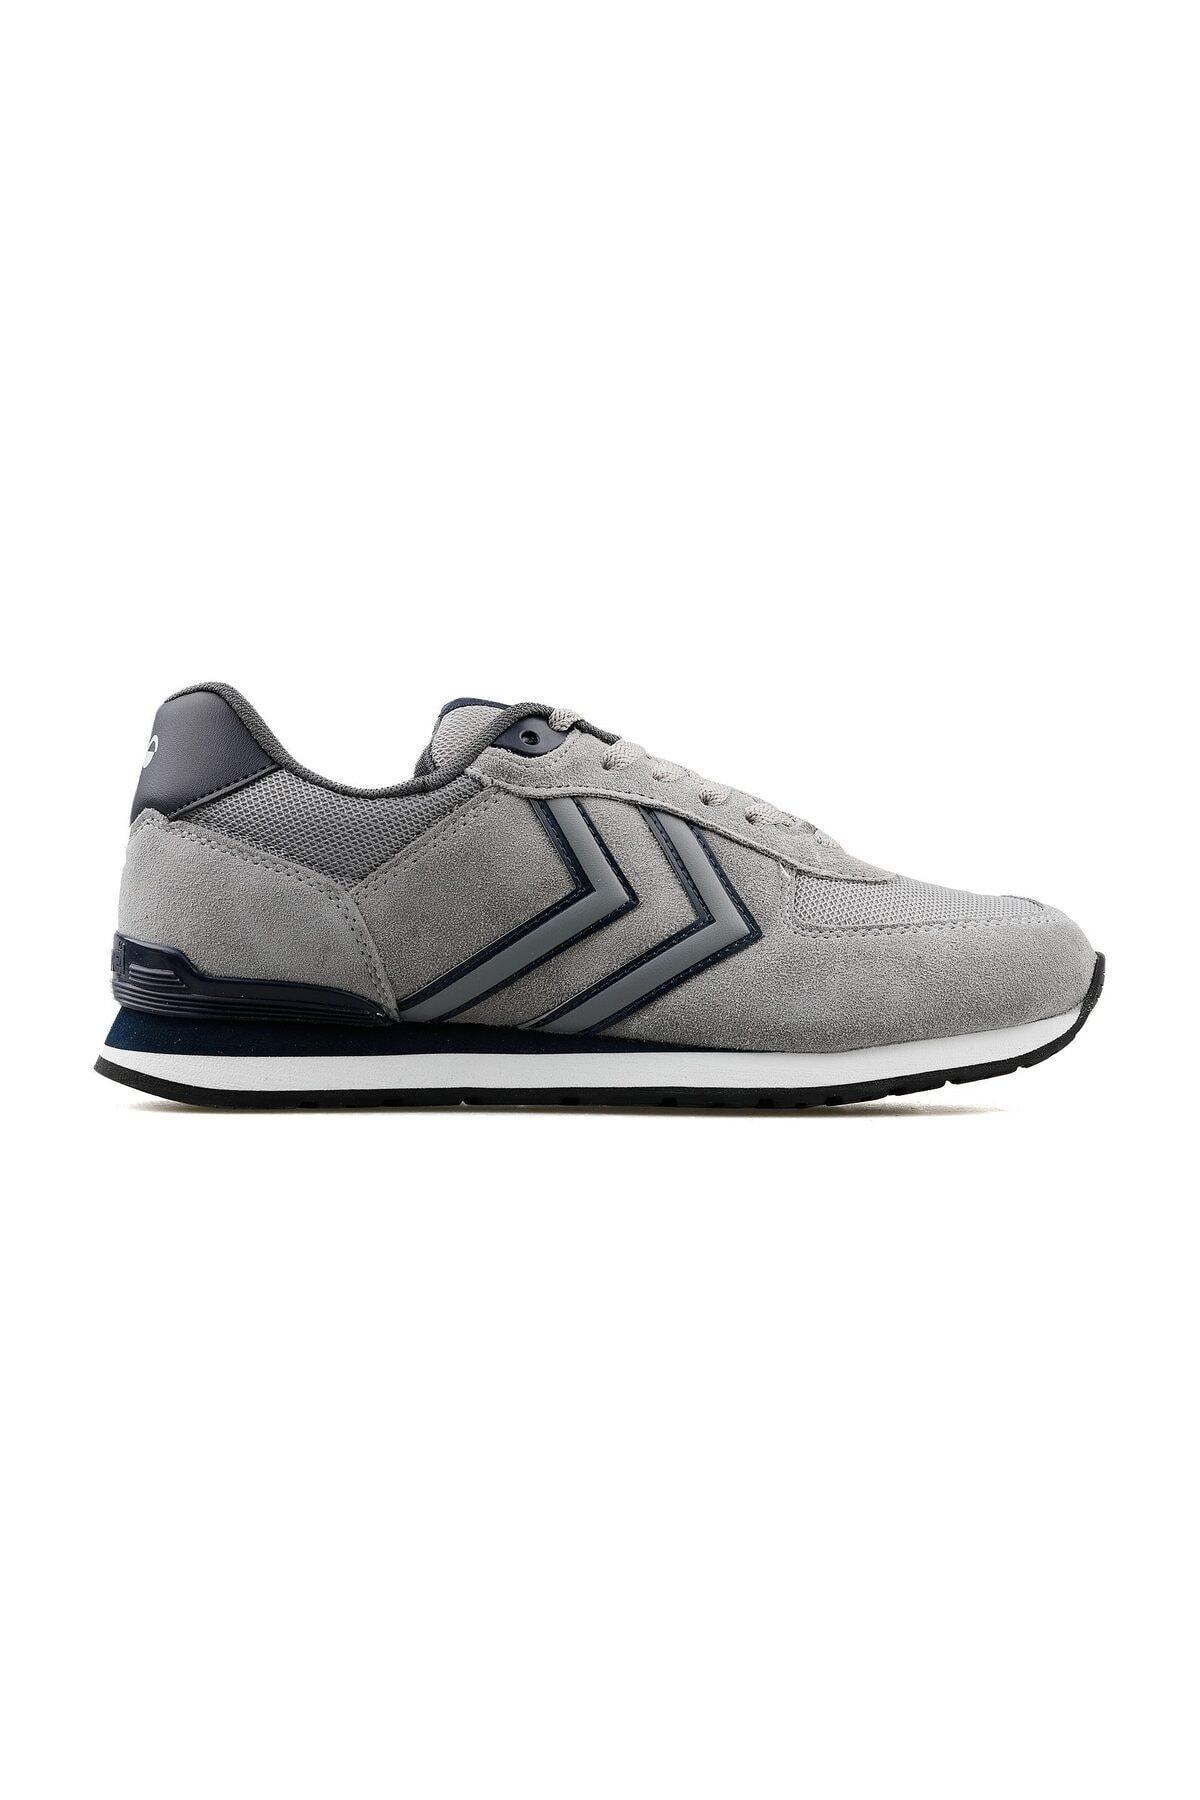 Eightyone 200600-2001 Sneaker Erkek Günlük Spor Ayakkabı